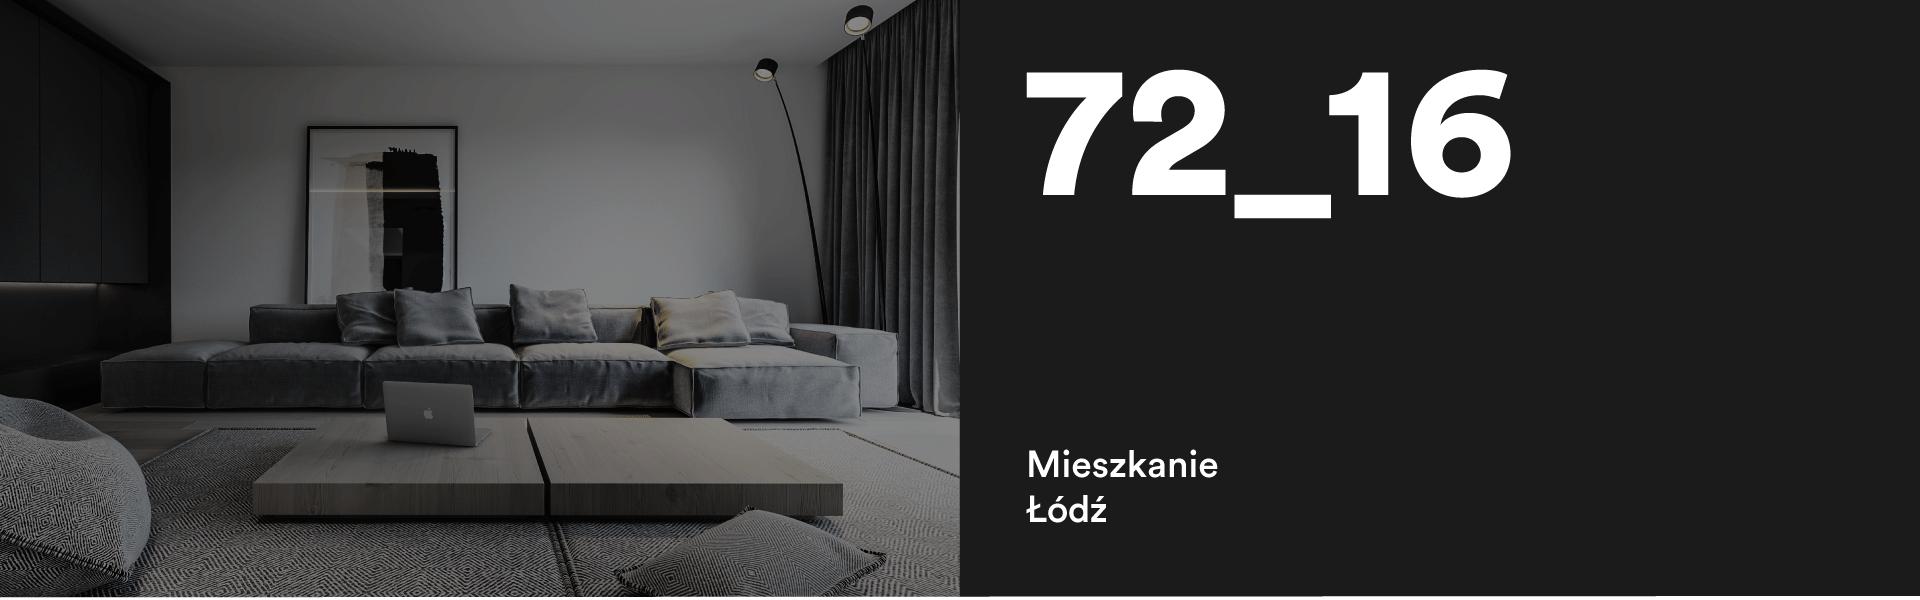 72_16 Mieszkanie w Łodzi